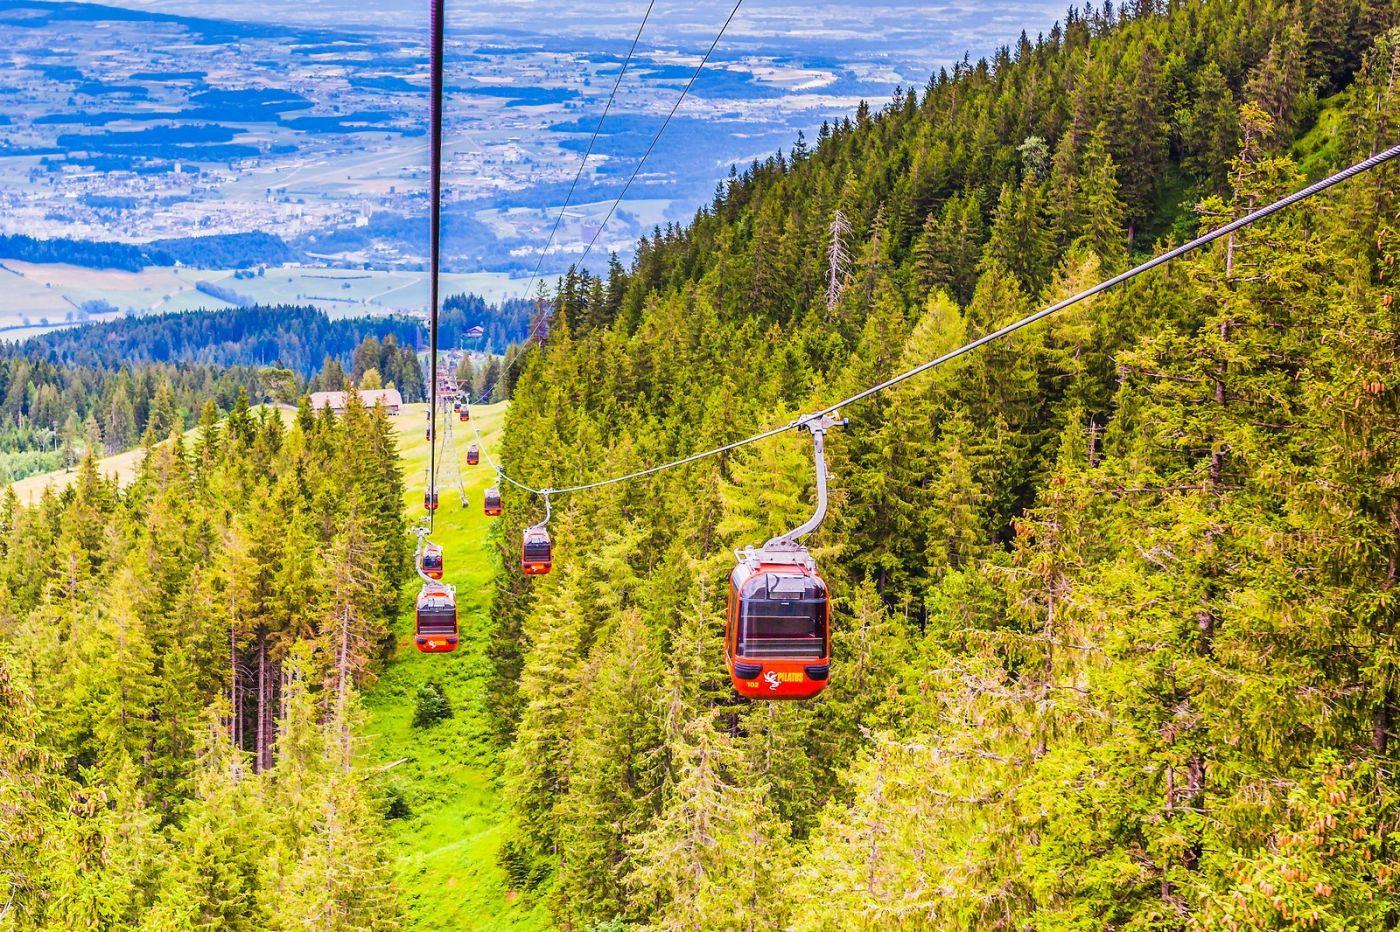 瑞士卢塞恩(Lucerne),坐缆车看风景_图1-14